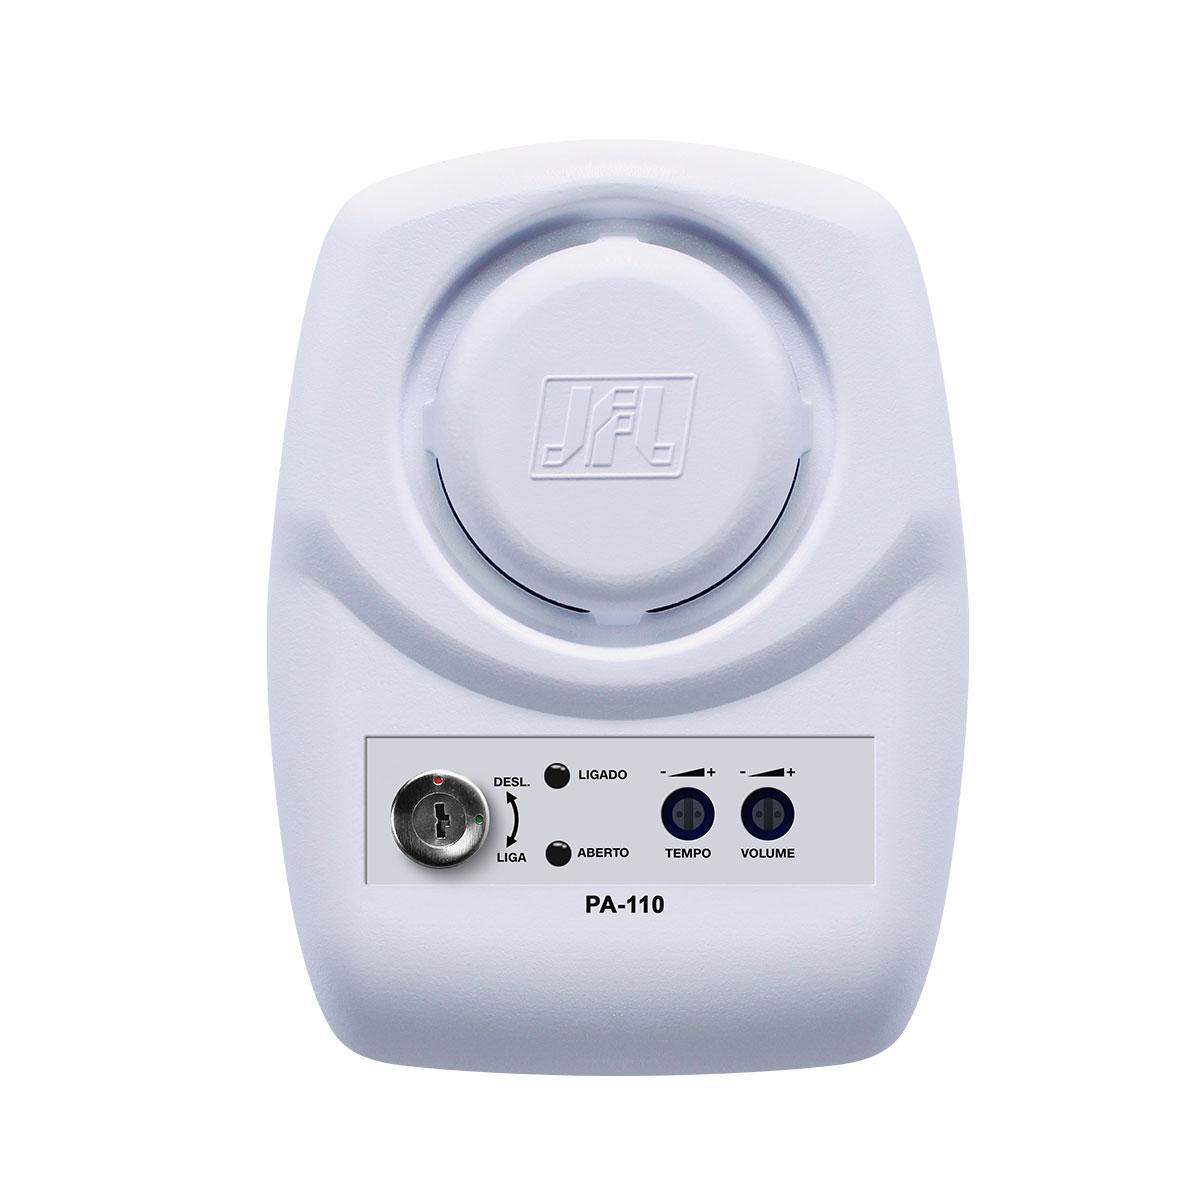 12 Sensor Porta Aberta Com Acionamento de Portão Pa-110